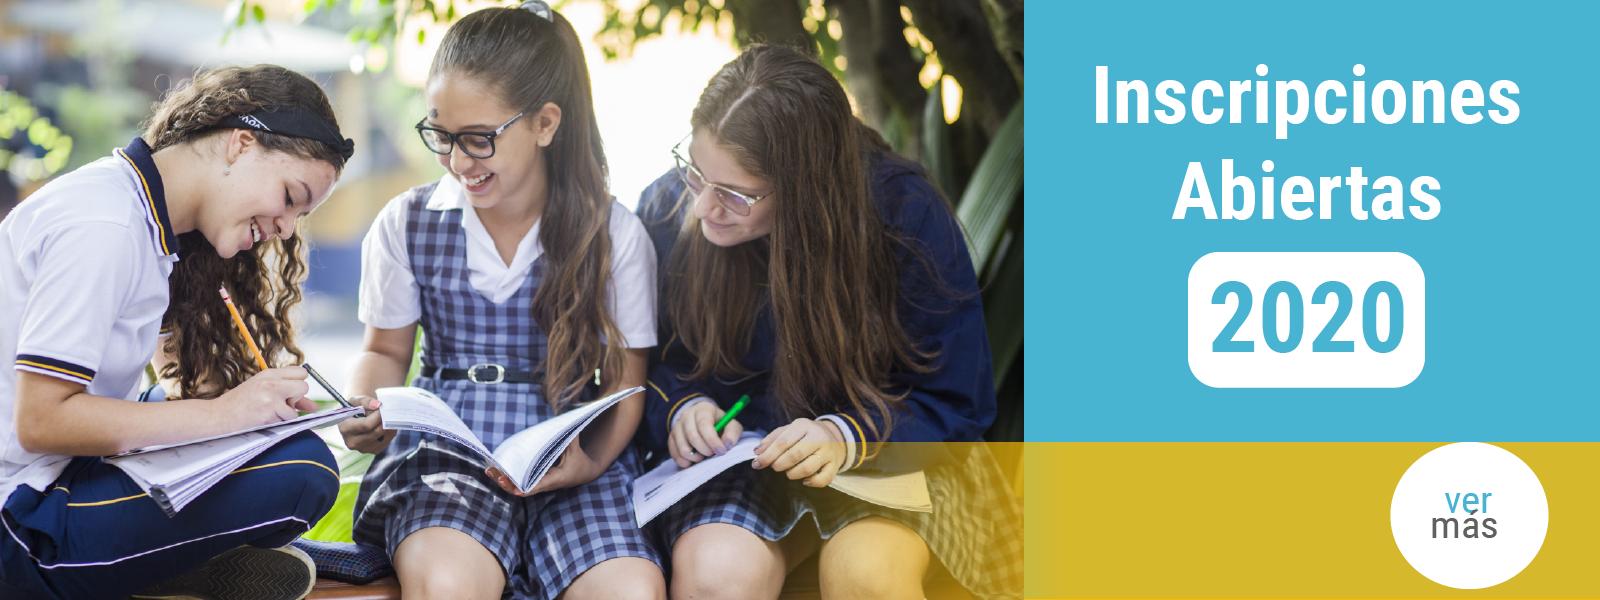 Colegio Ferrini bilingüe  Inscripciones abiertas 2020